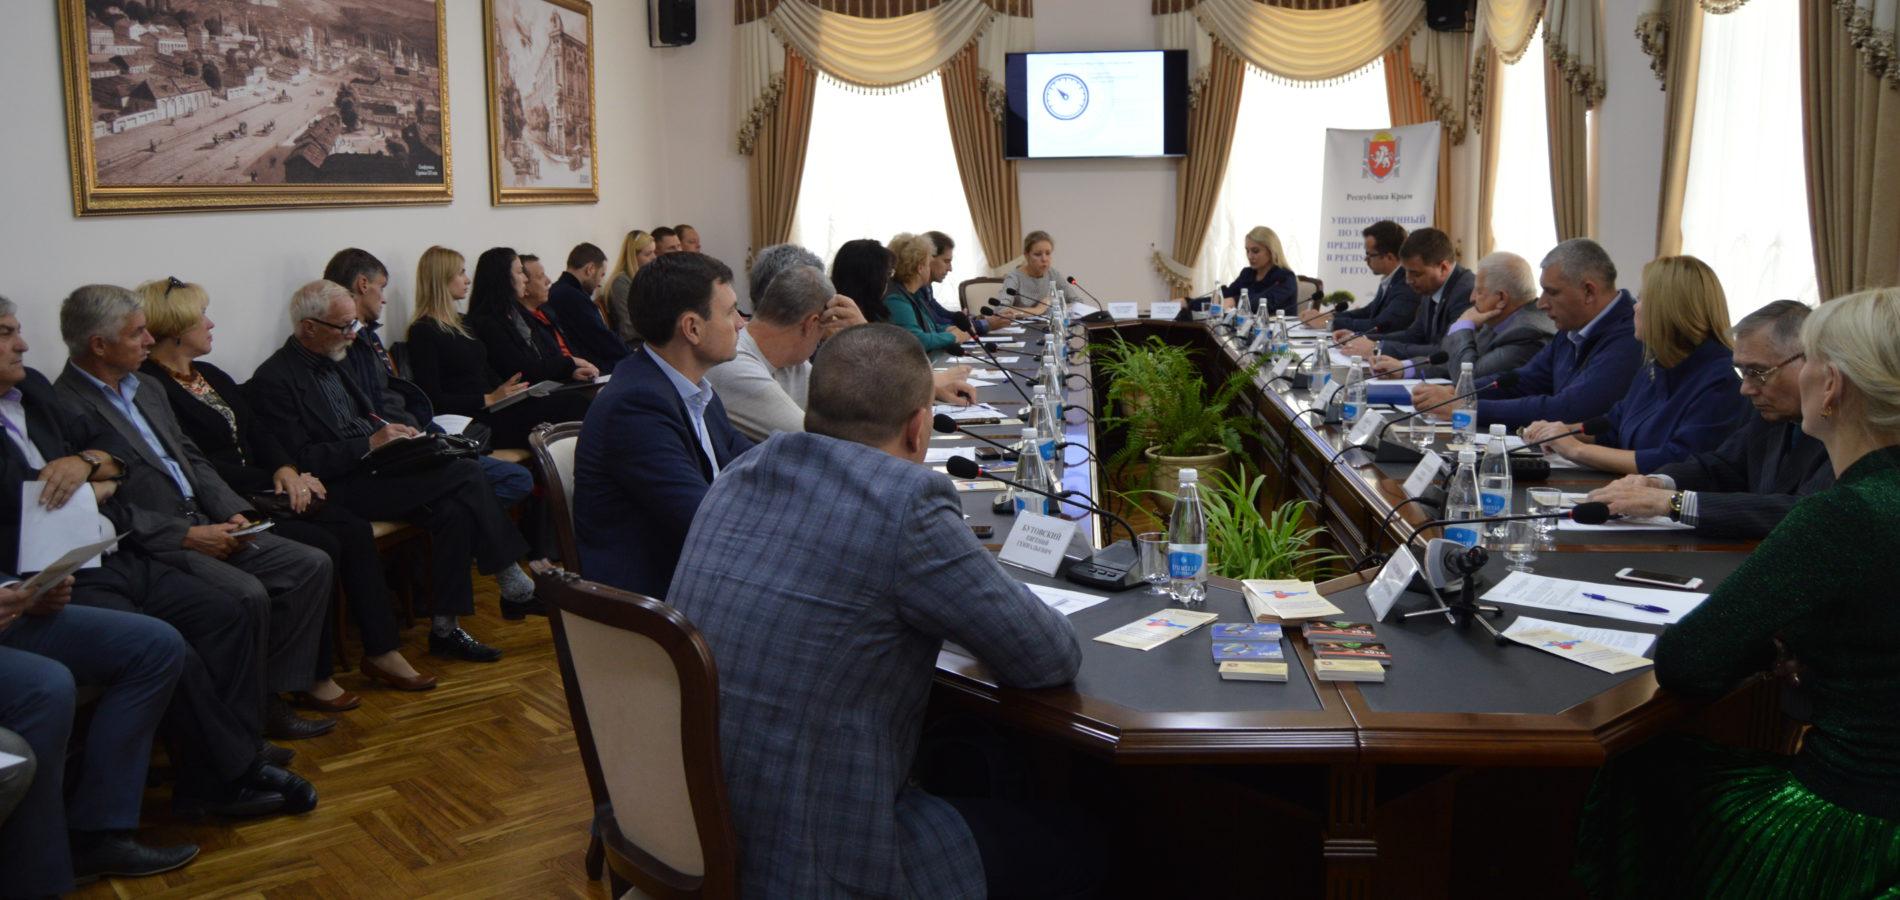 Эксперты обсудили в Симферополе динамику предпринимательской уверенности